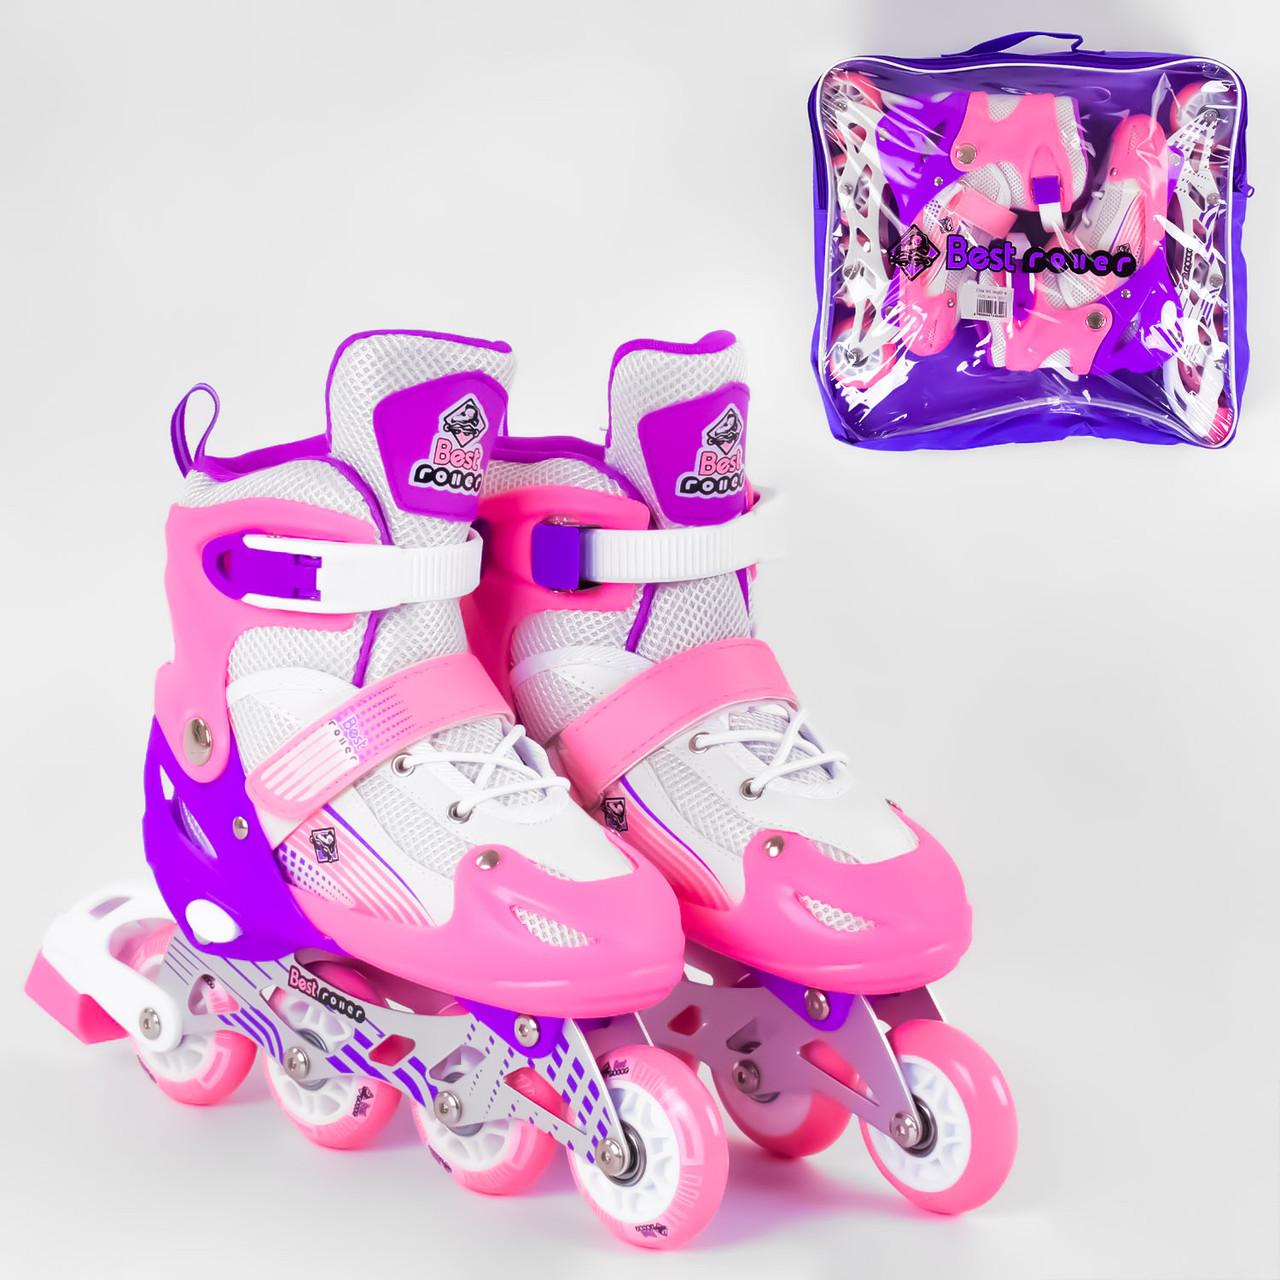 Best Roller Ролики детские раздвижные, размер 34 35 36 37 размера переднее колесо Светится, роликовые коньки